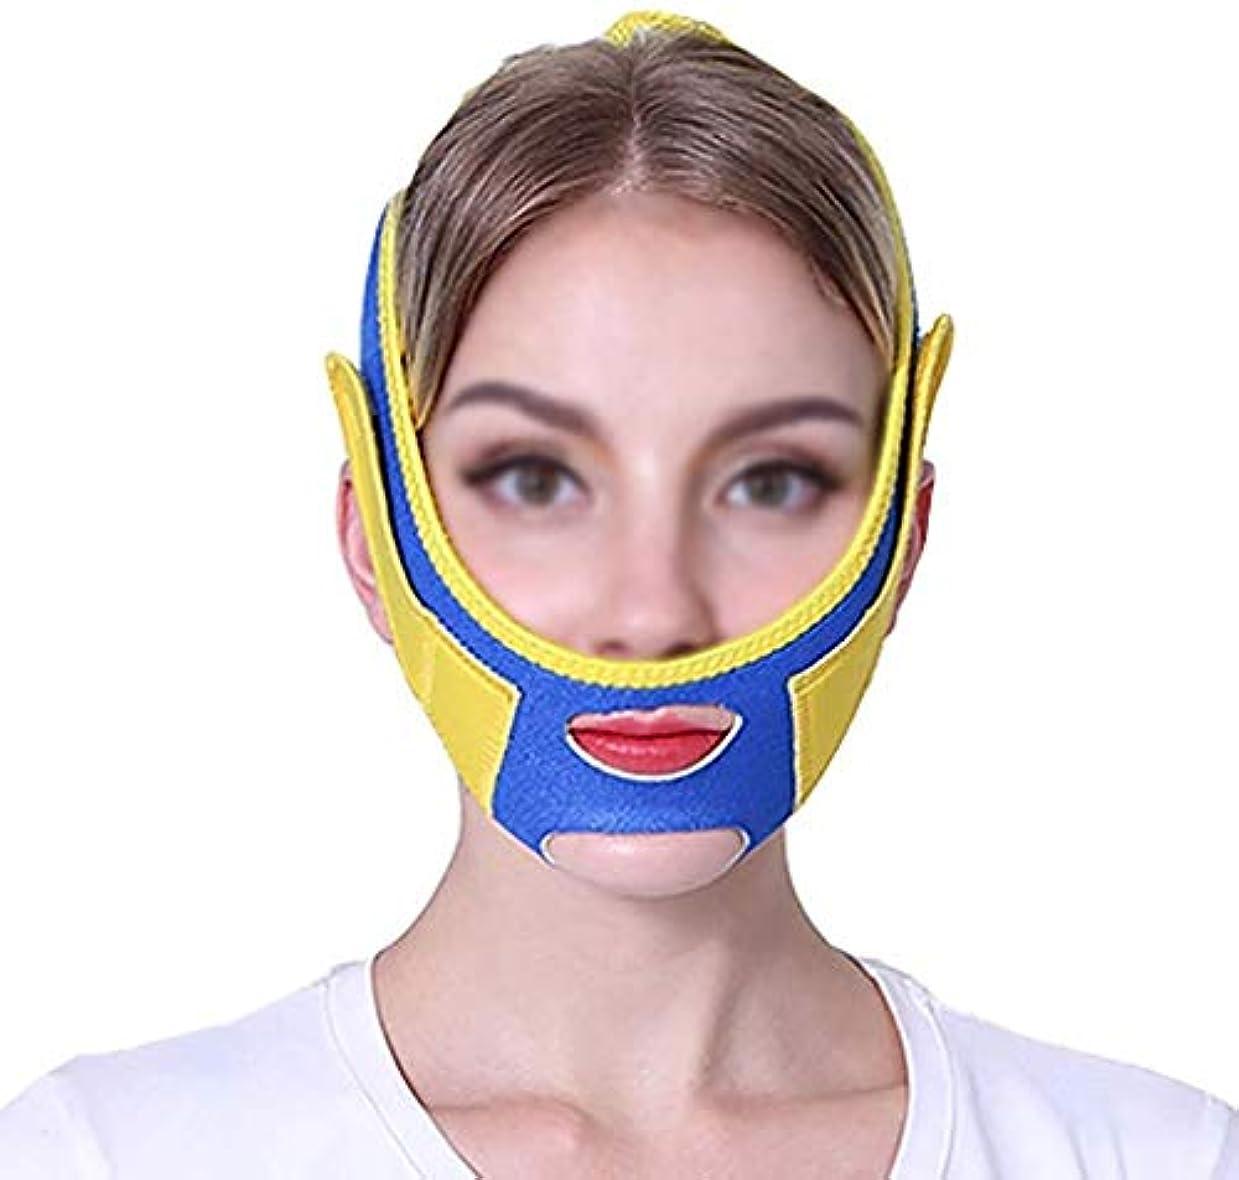 調停するボウリング東方美容と実用的なファーミングフェイスマスク、スモールVフェイスアーティファクトリフティングマスクフェイスリフティングフェイスメロンフェイスリフティングフェイスファーミングクリームフェイスリフティングバンデージ